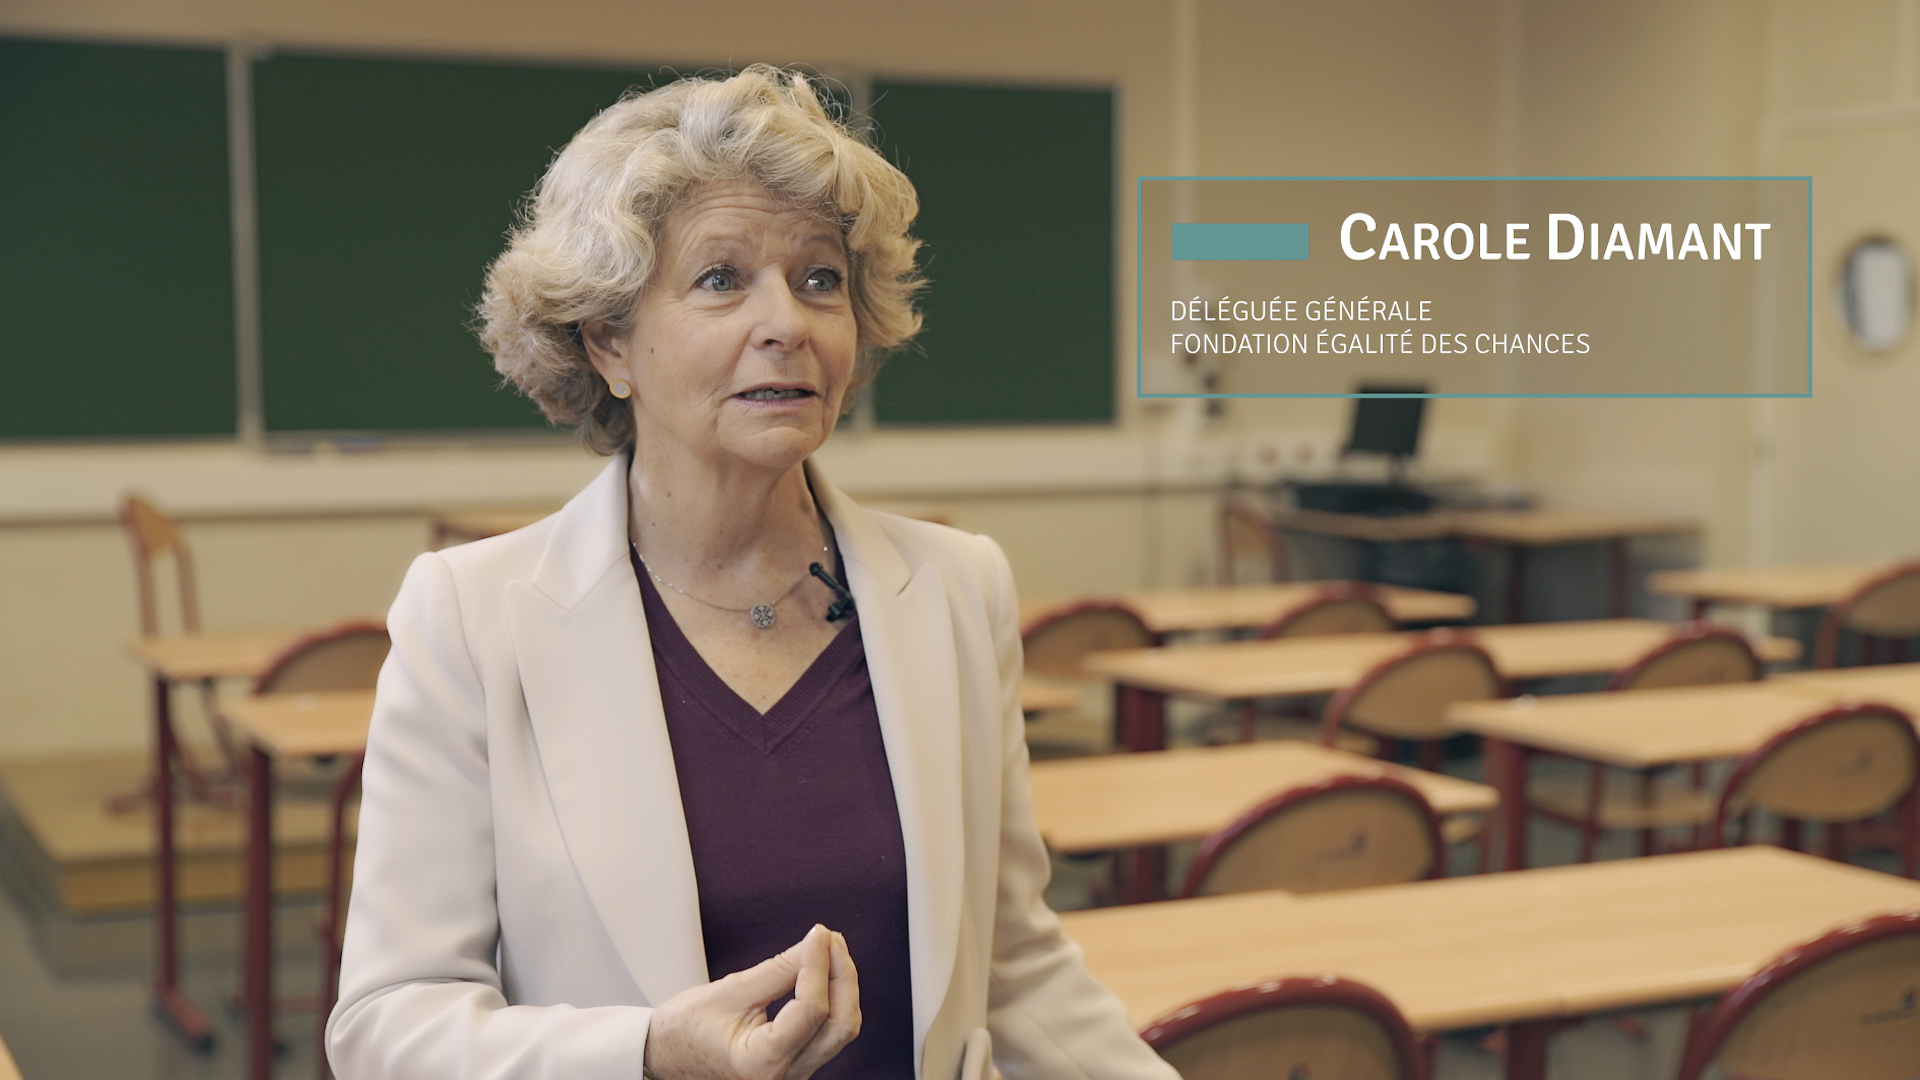 Carole Diamant